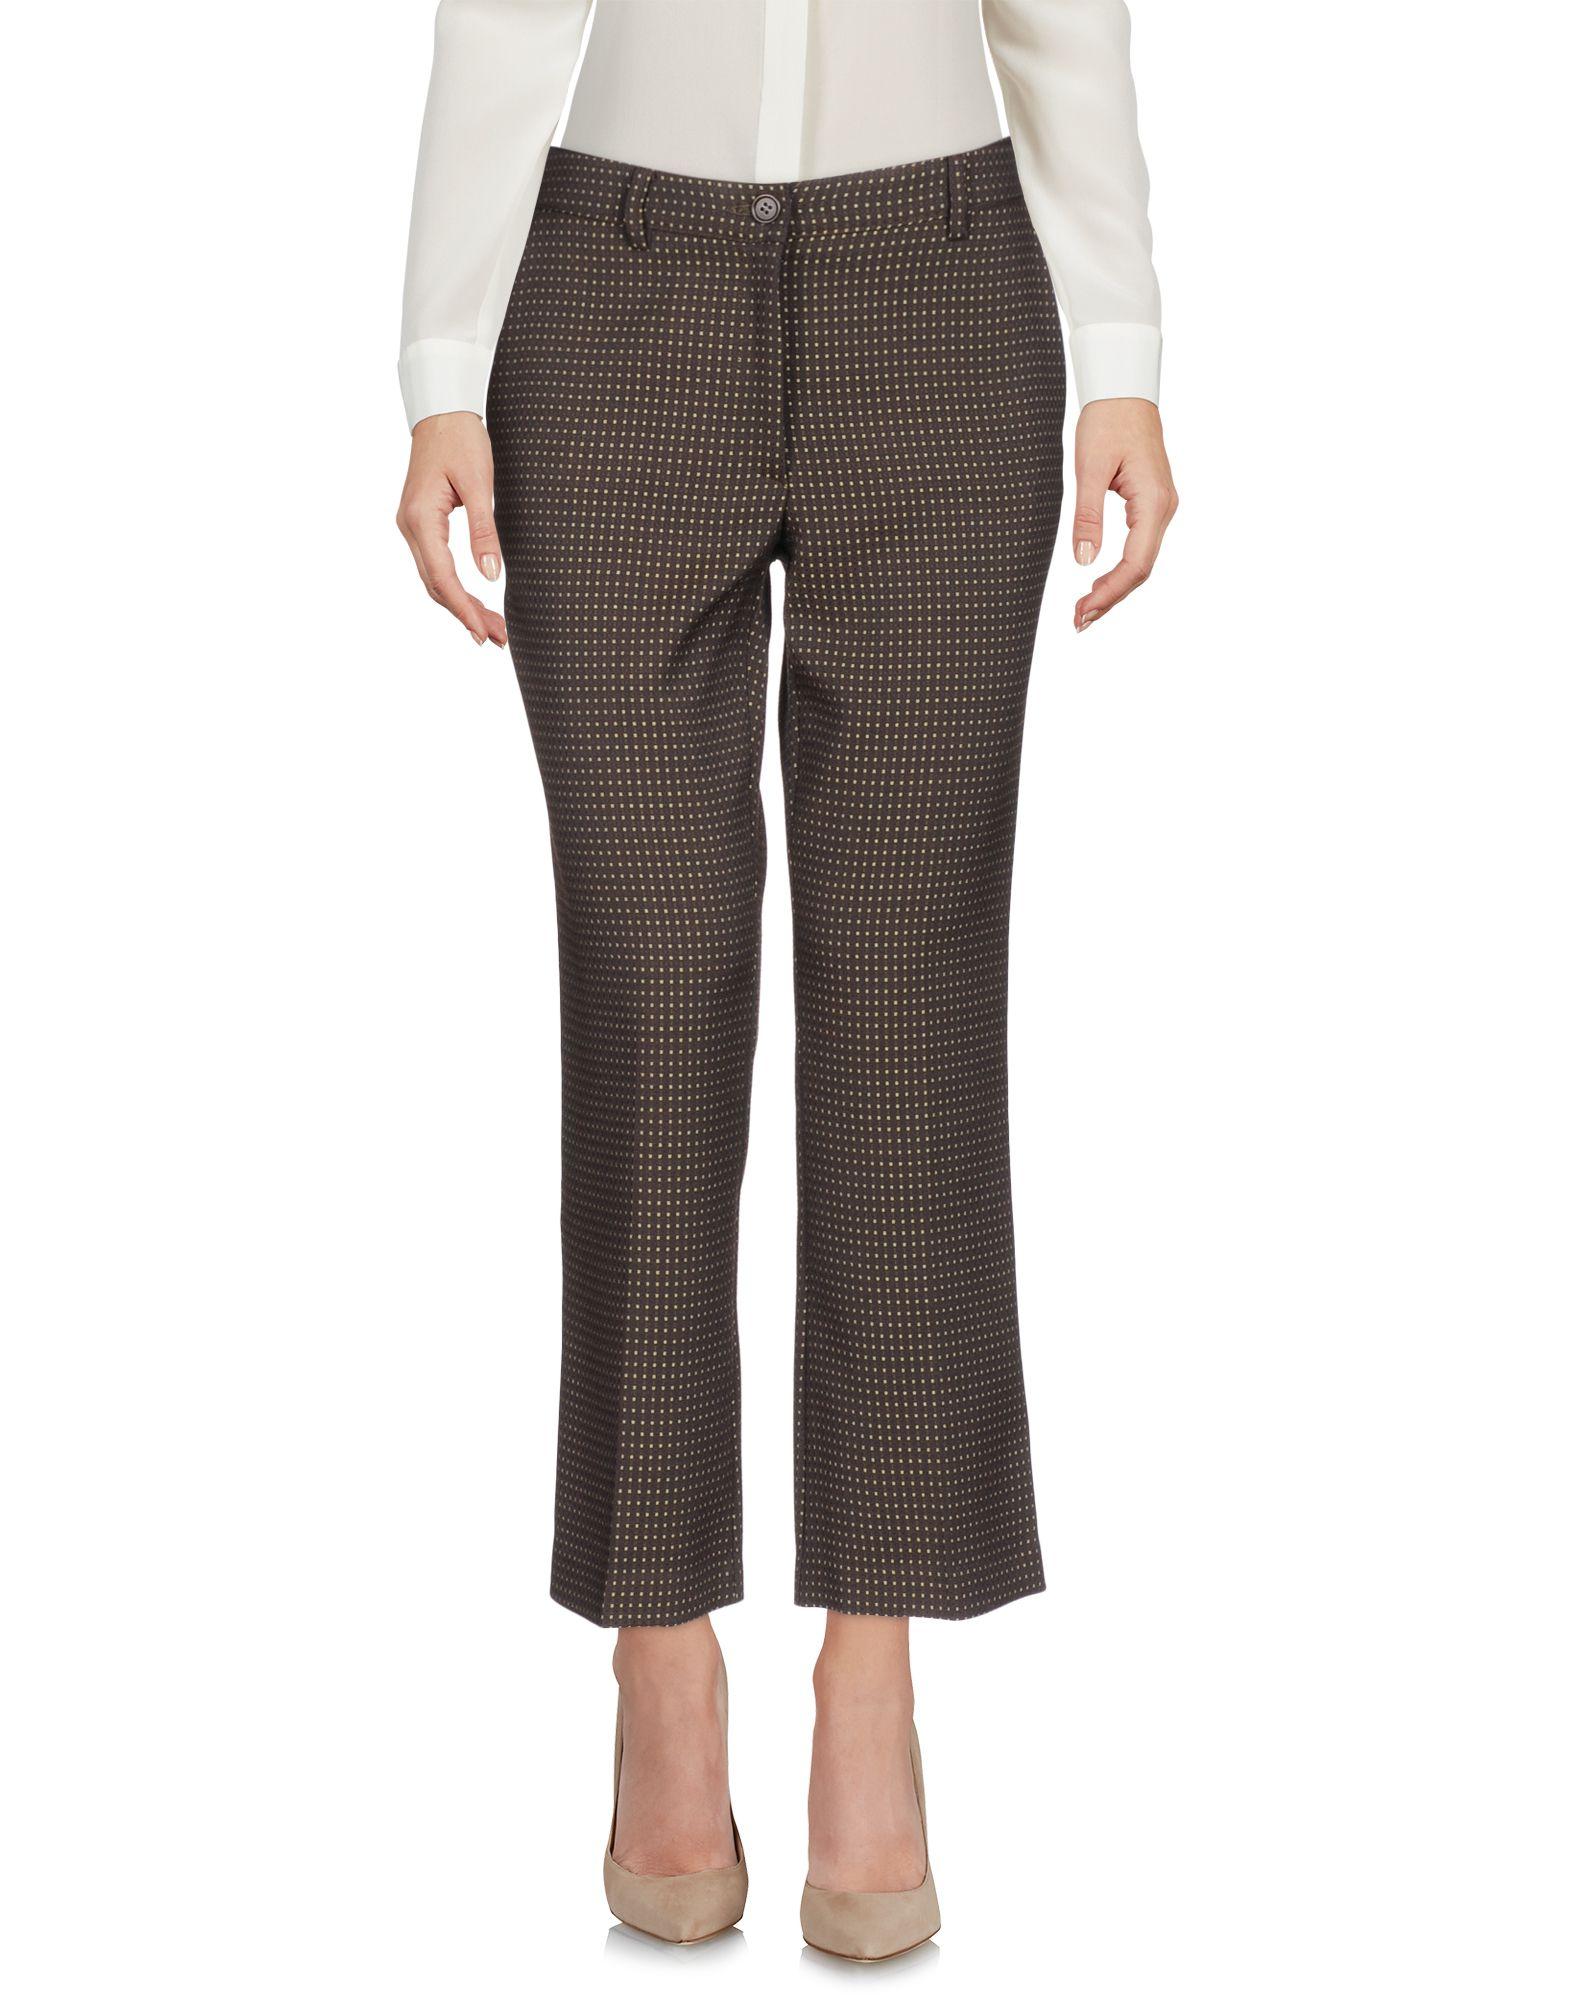 Pantalone Classico P.A.R.O.S.H. Donna - Acquista online su fMMz4ajqA